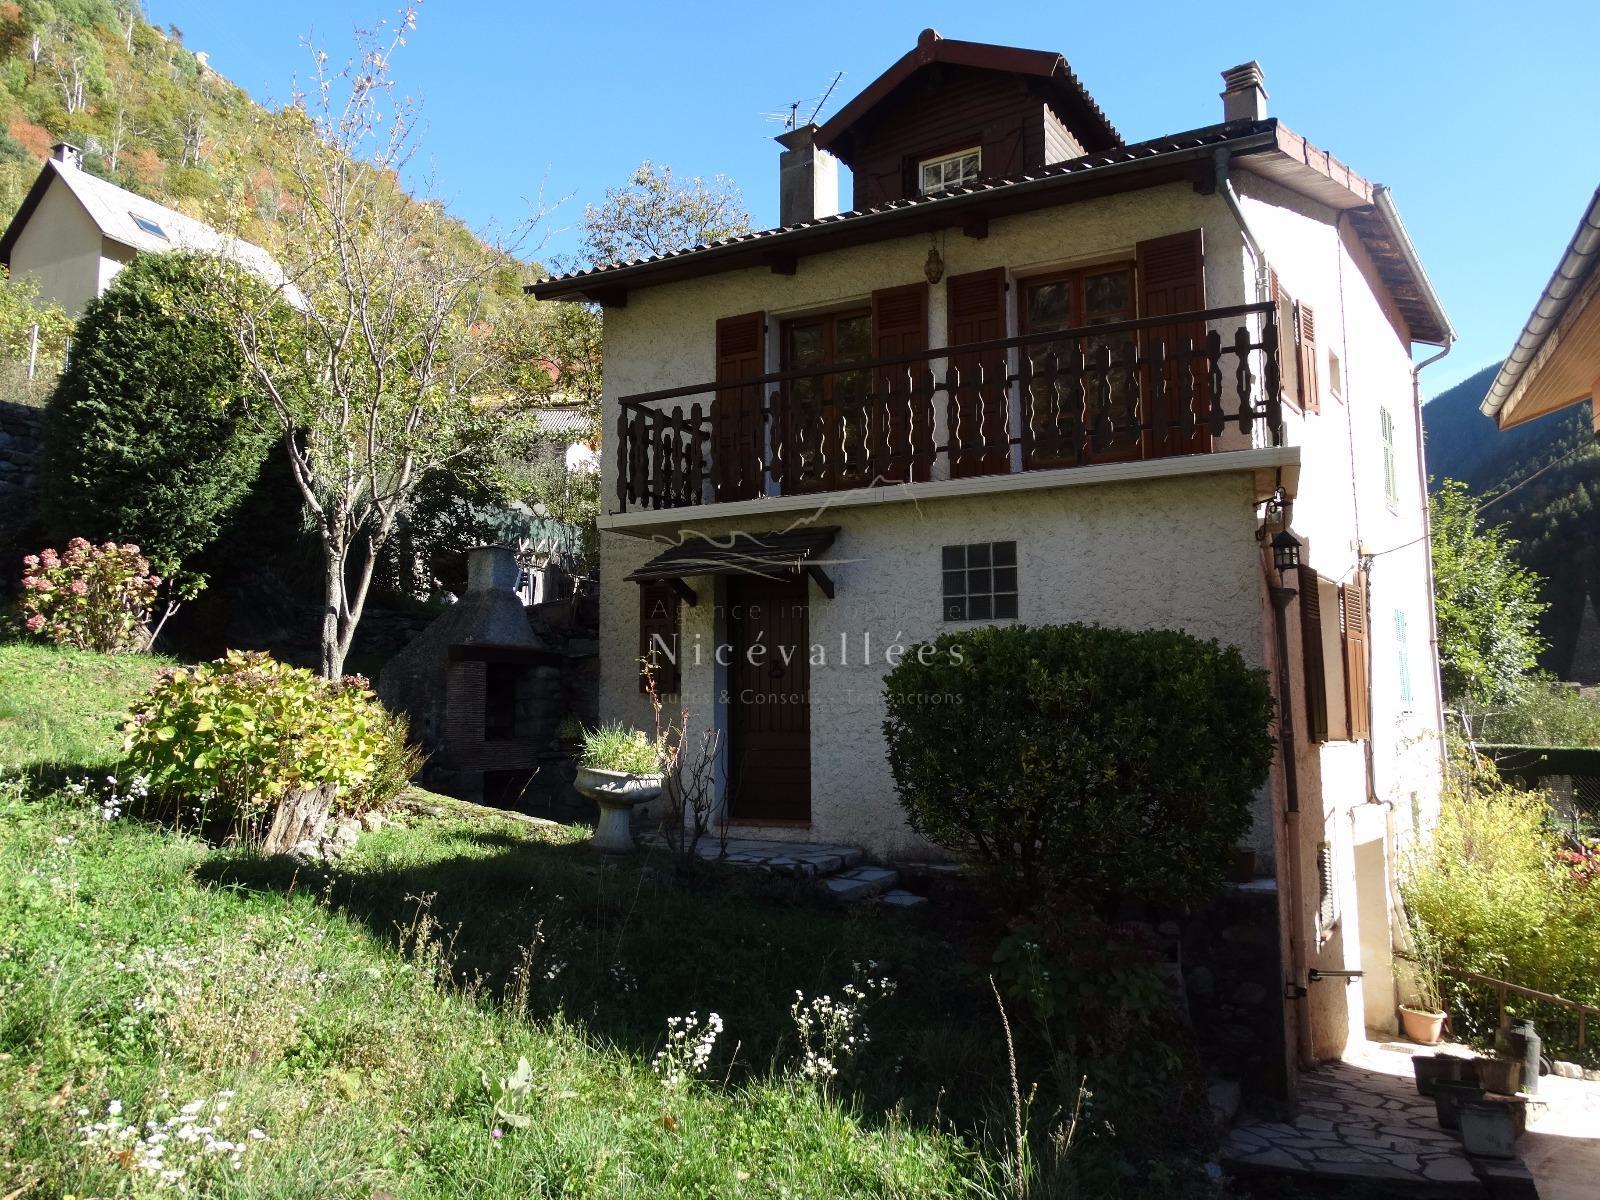 Vente maison avec jardin 50m - Recherche maison a louer avec jardin ...